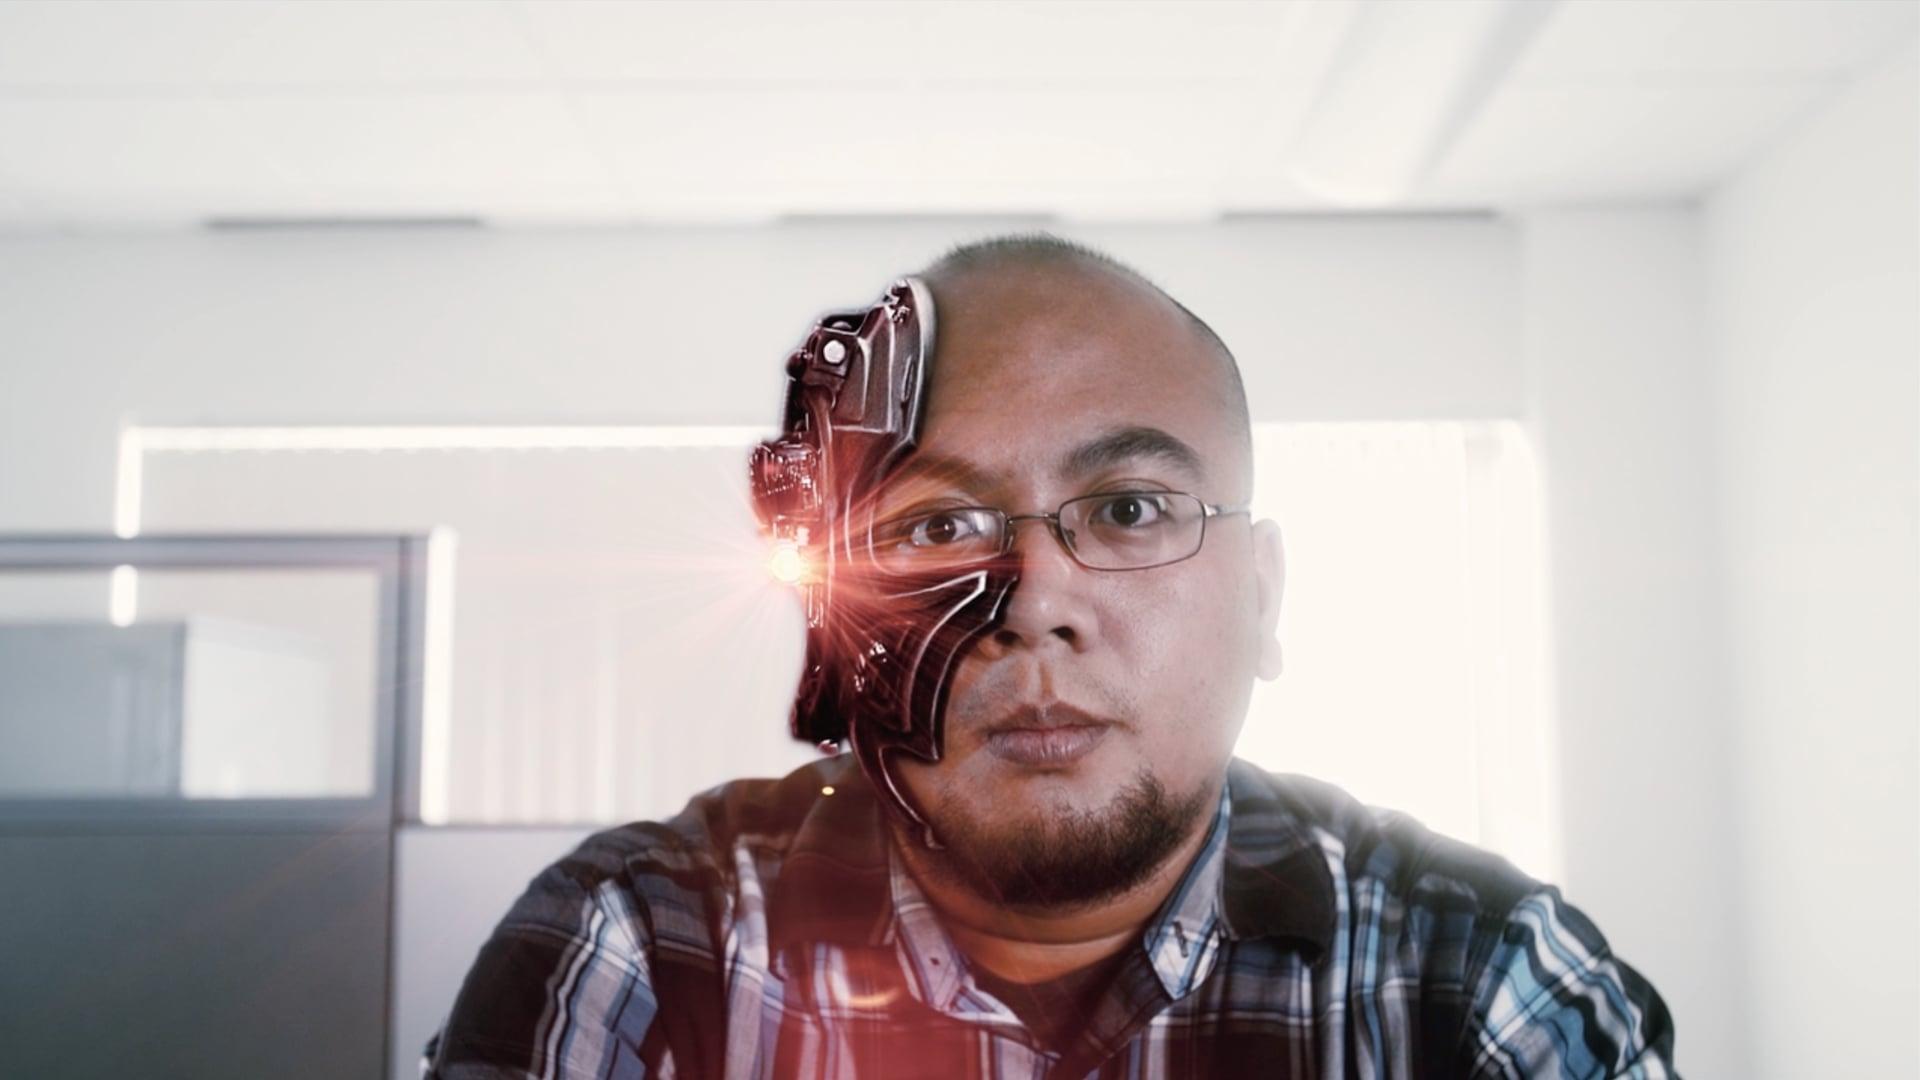 D&B - Data Inspired Trailer